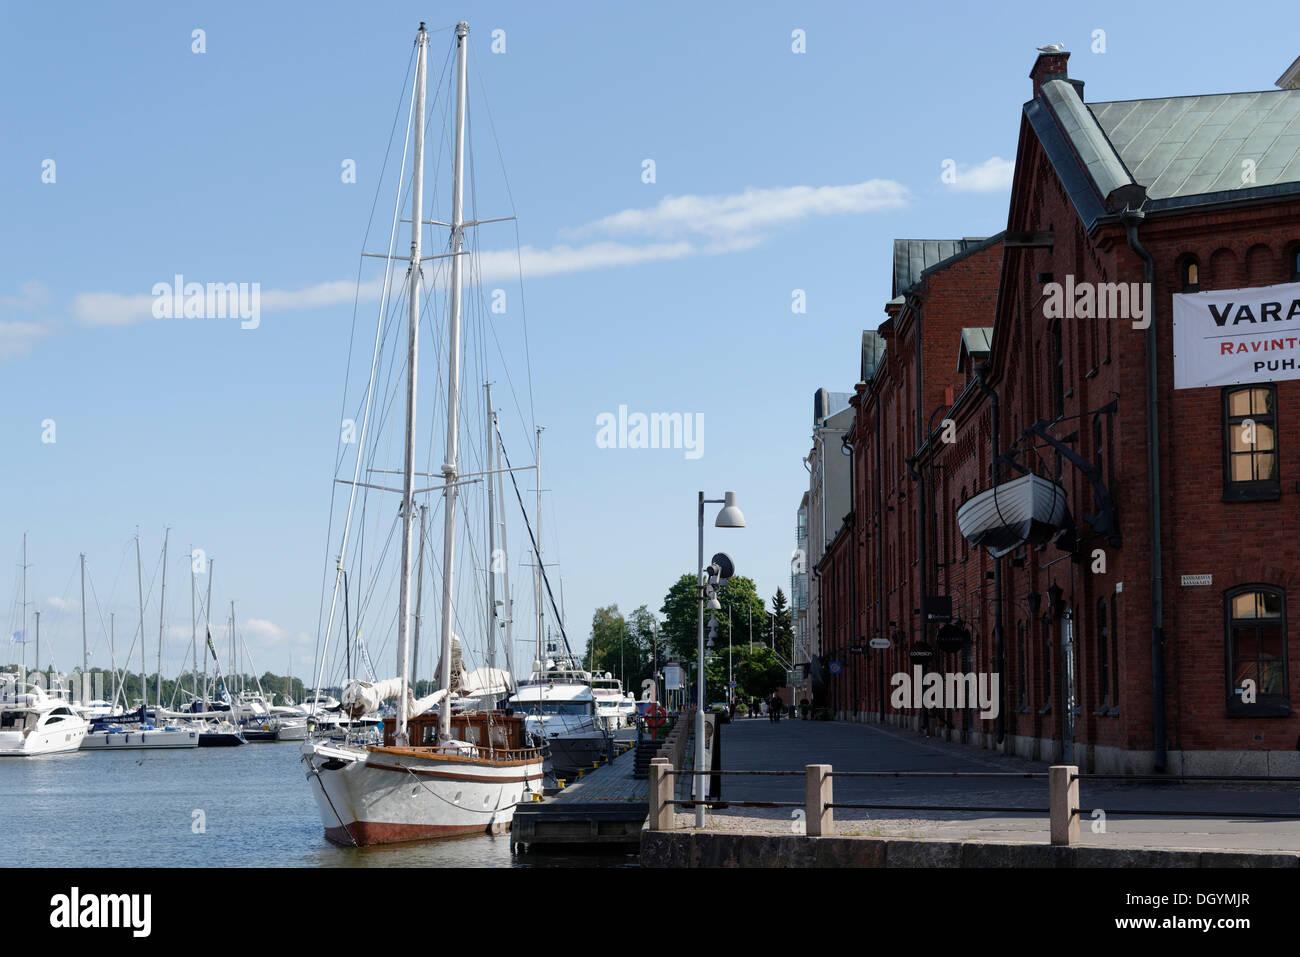 Port, Helsinki, Uusimaa, Finland - Stock Image